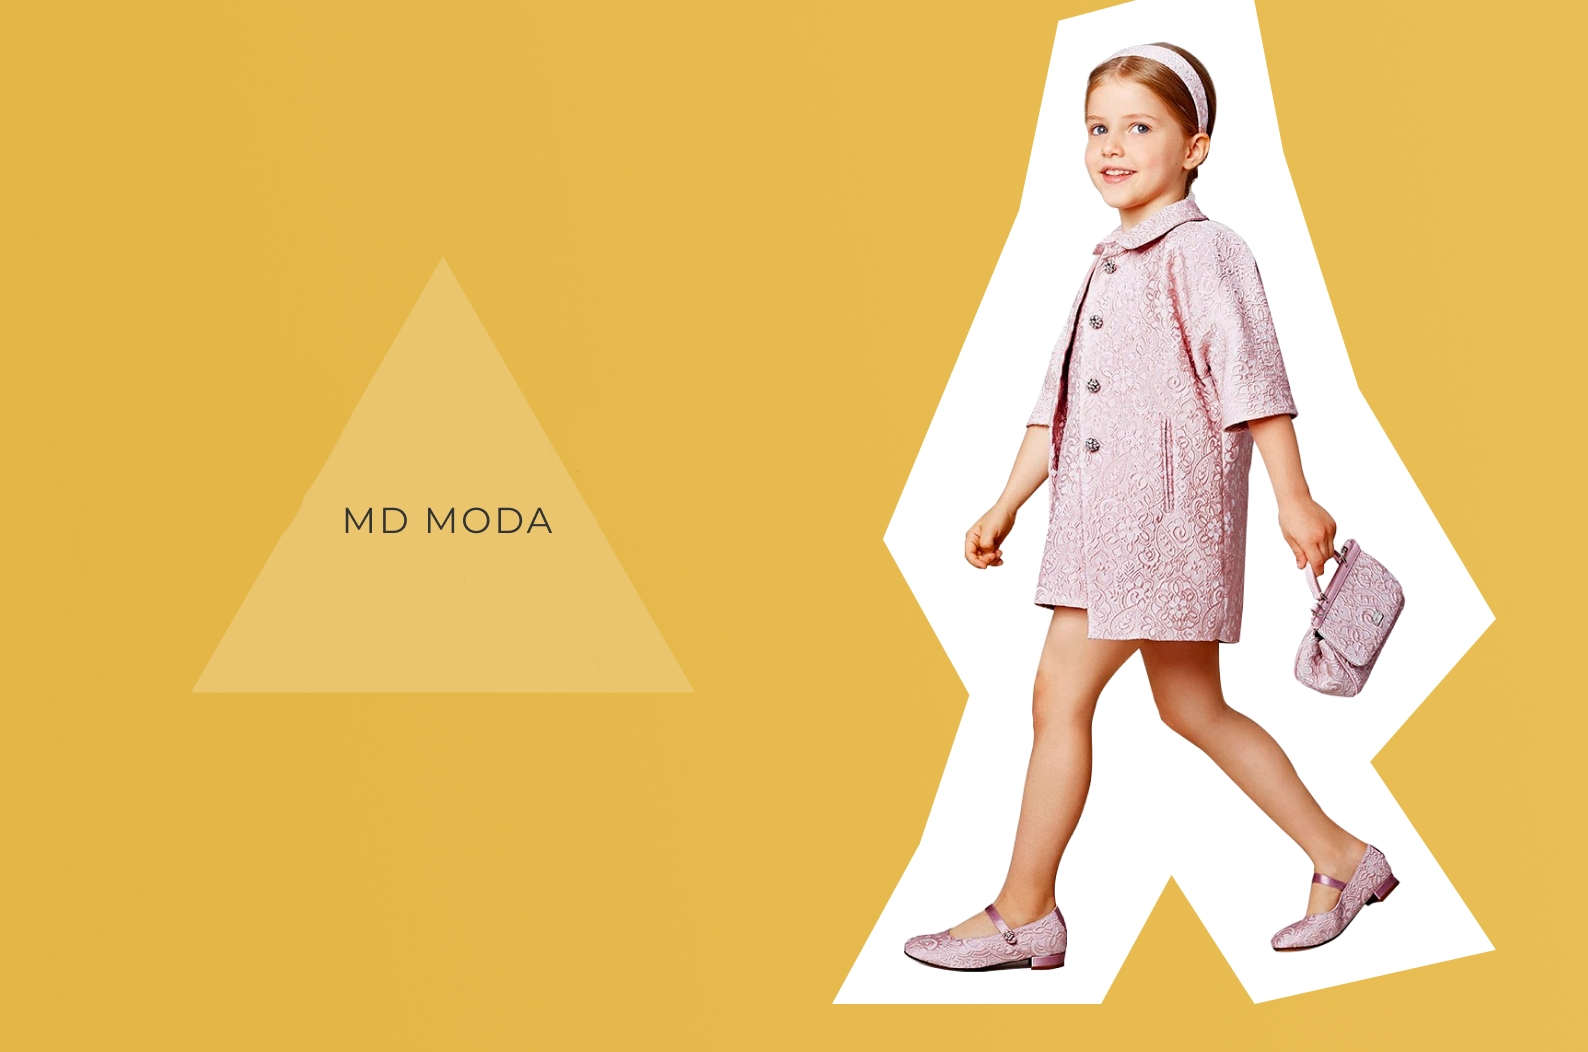 Одежда бренда Nota Bene всегда полностью отвечает российским стандартам